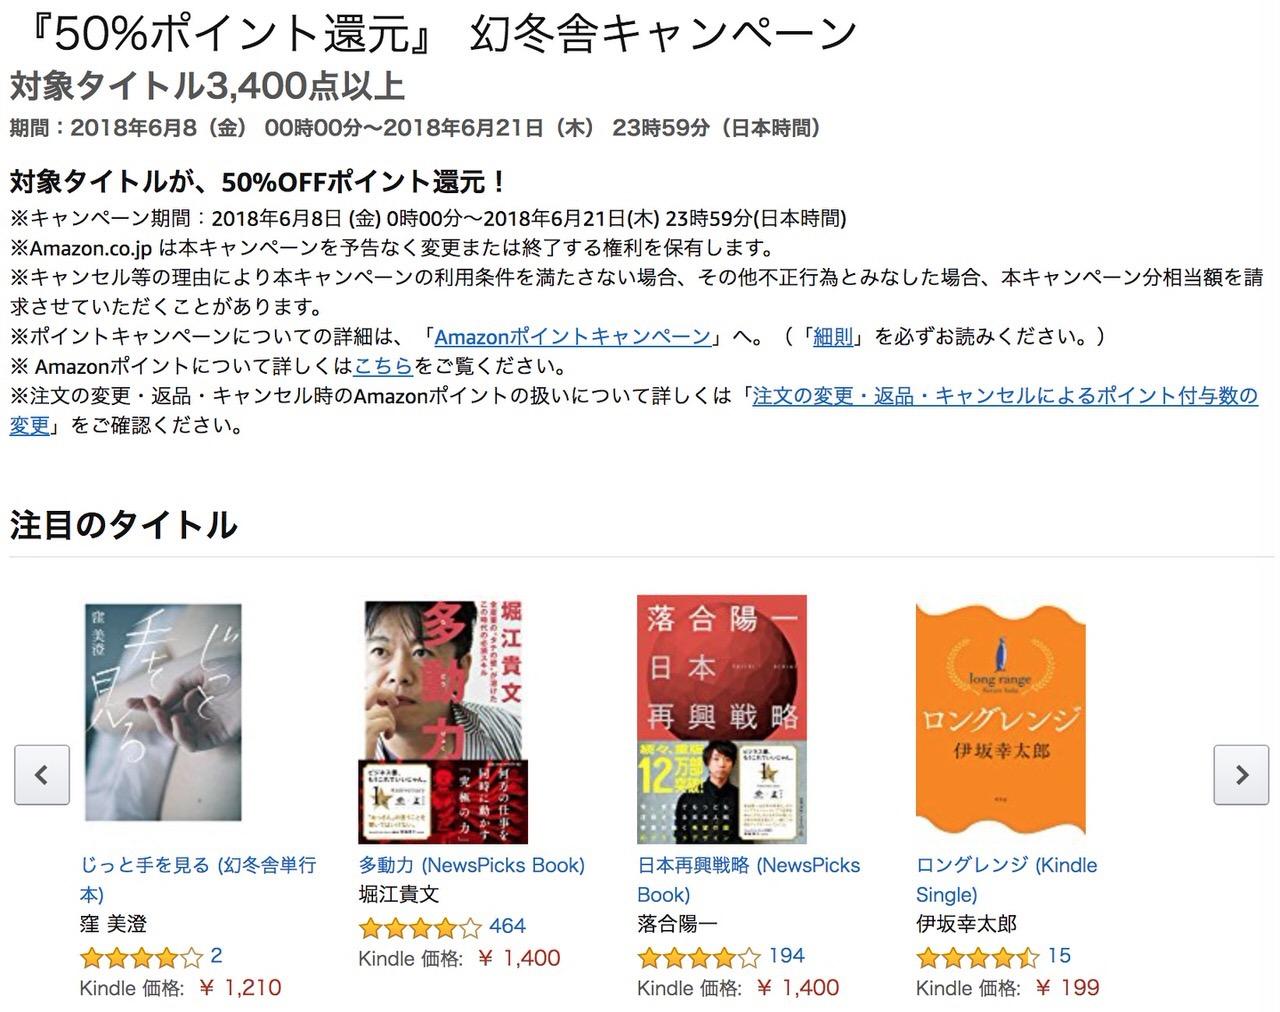 【Kindleセール】3,400冊以上が対象!50%ポイント還元「幻冬舎キャンペーン」(6/21まで)